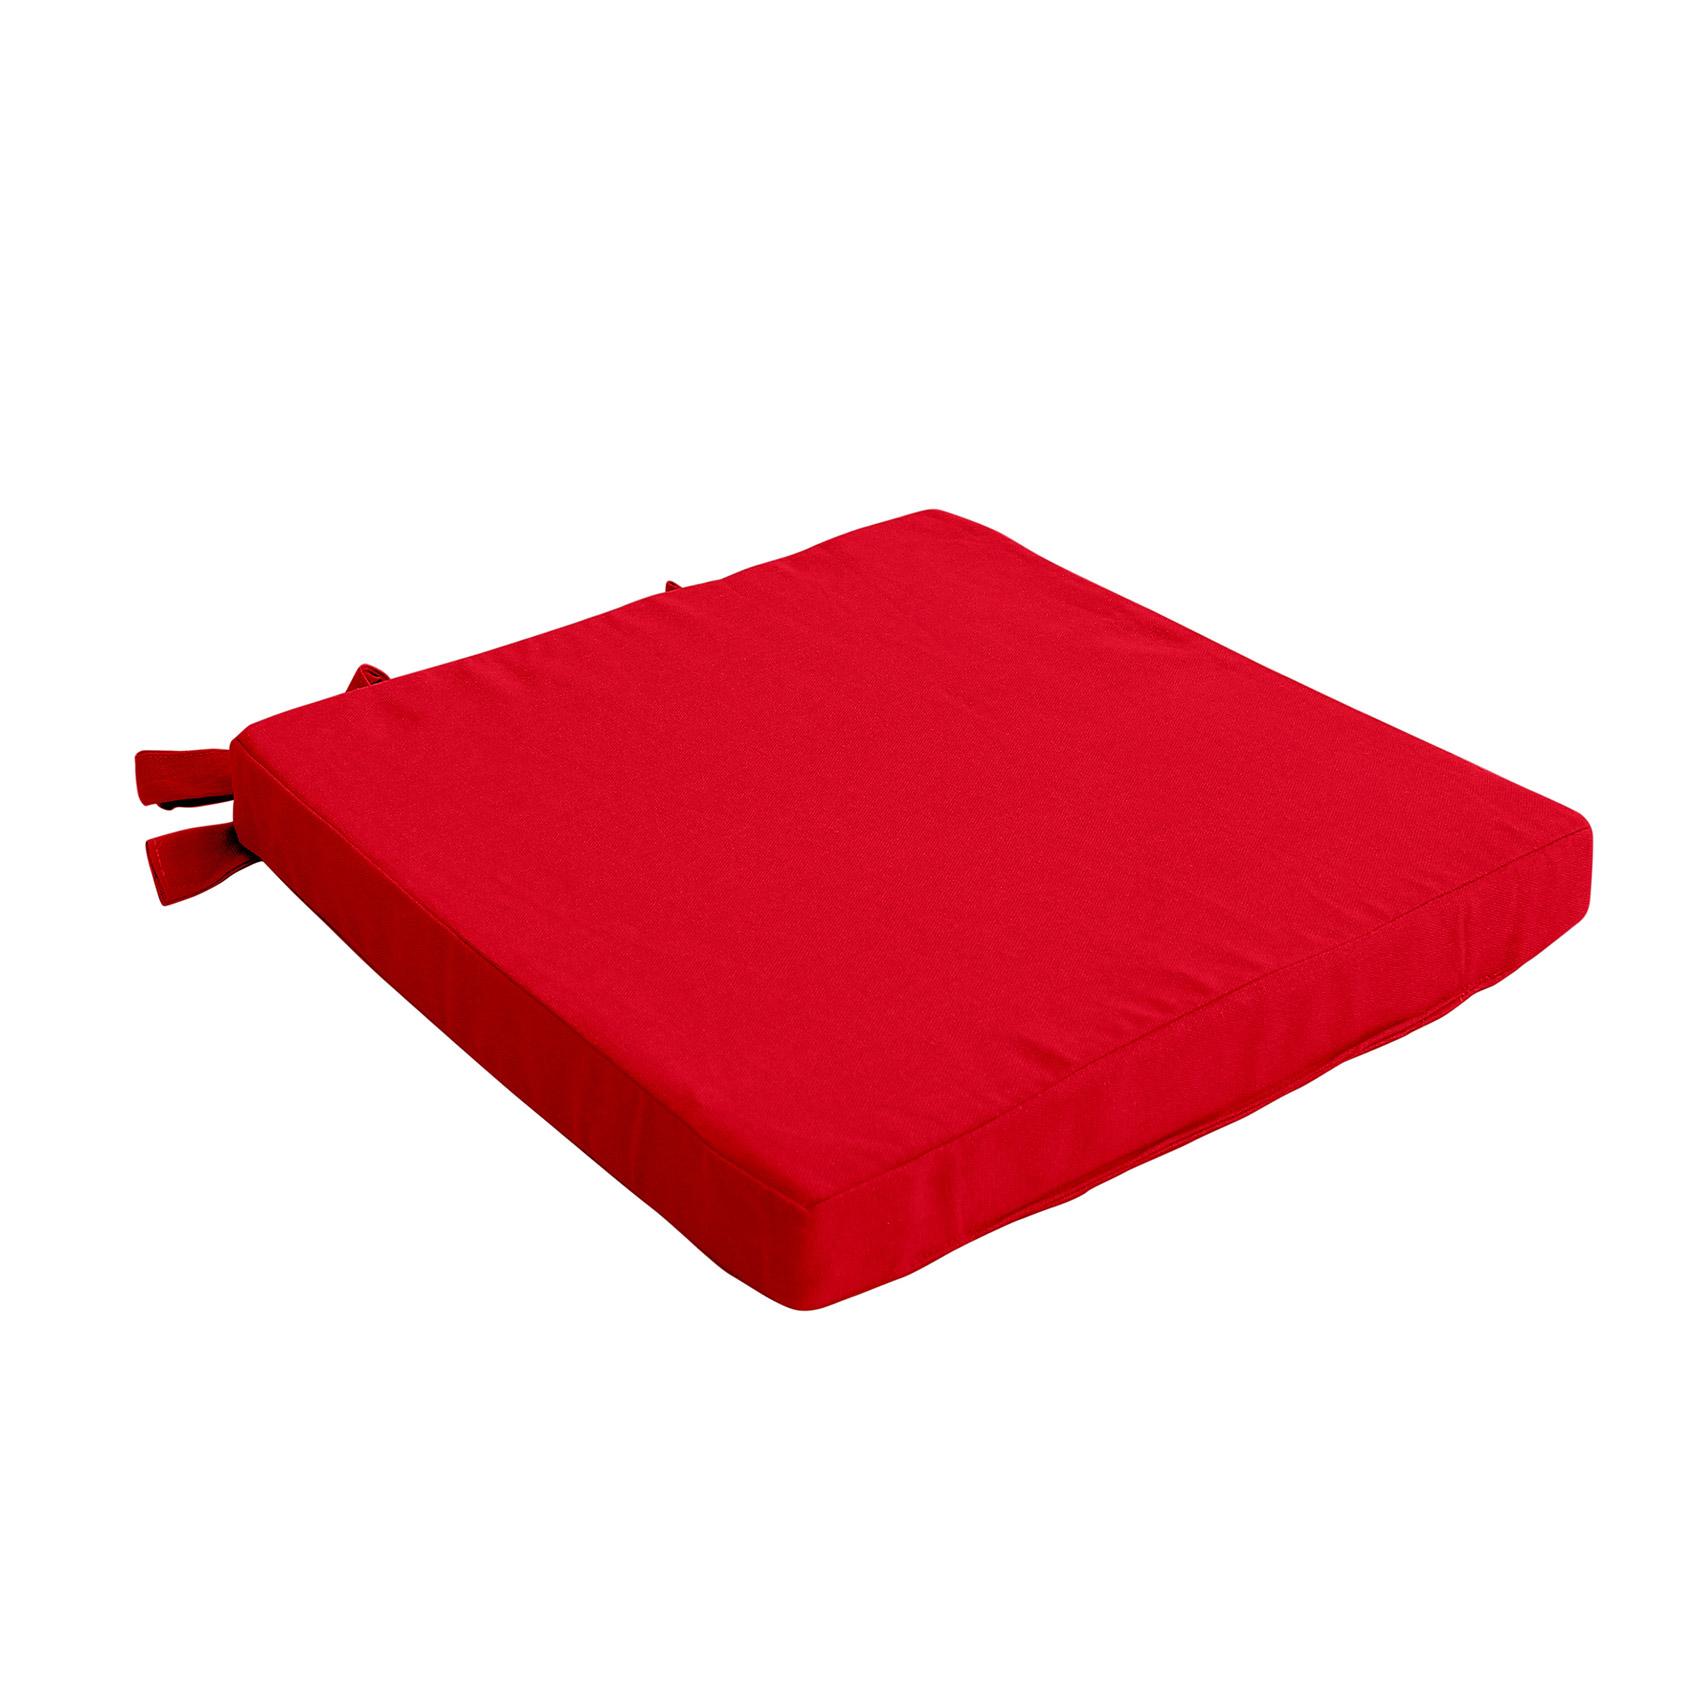 Galette de chaise uni en pur coton coton rouge 38x38